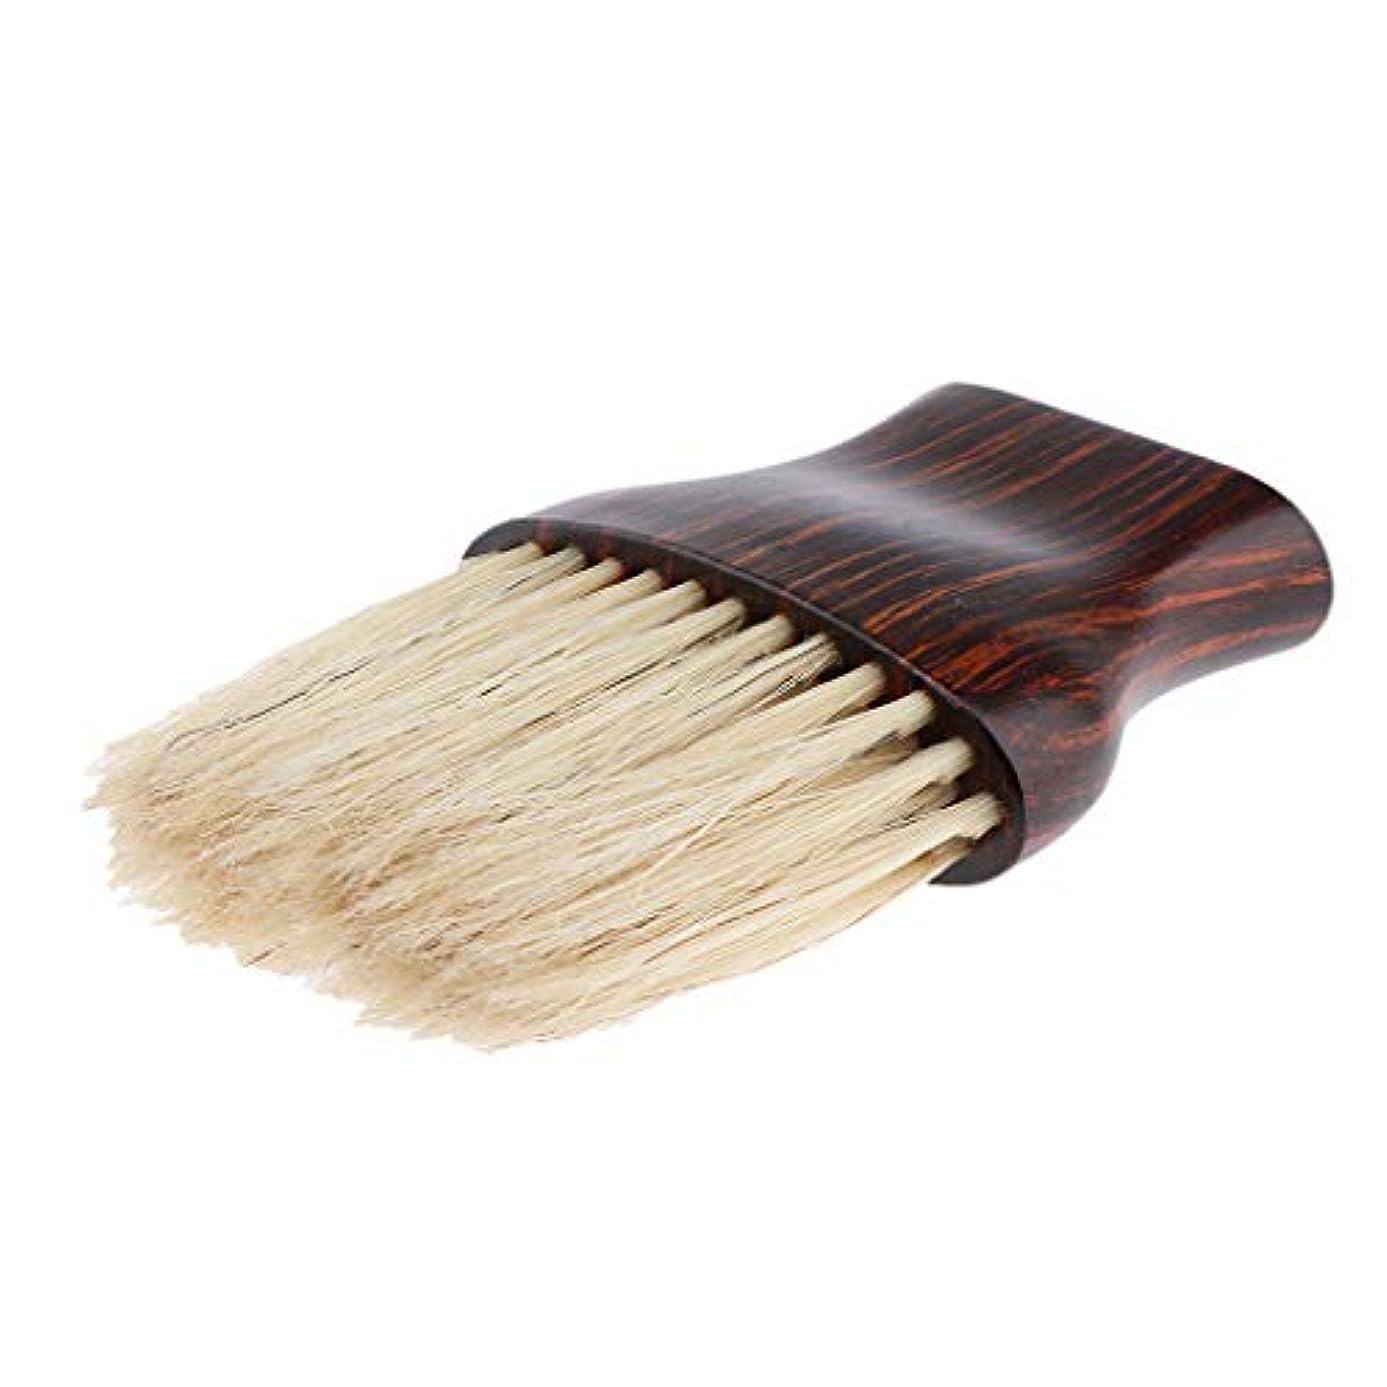 息を切らして地震文庫本ネックダスターブラシ 柔らかい繊維 ヘアブラシ 木製ハンドル 快適